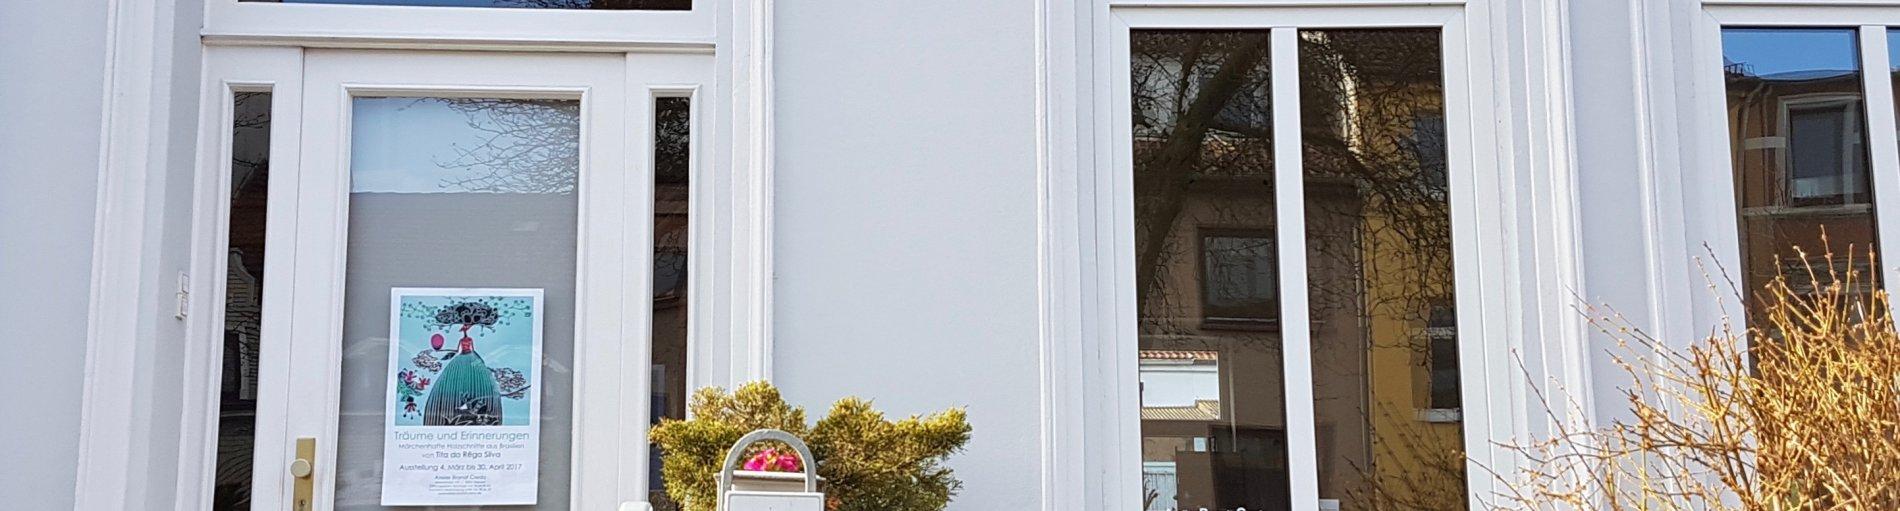 Außenansicht eines hell gestrichenen Hauses mit großen Fenstern und Glastür.